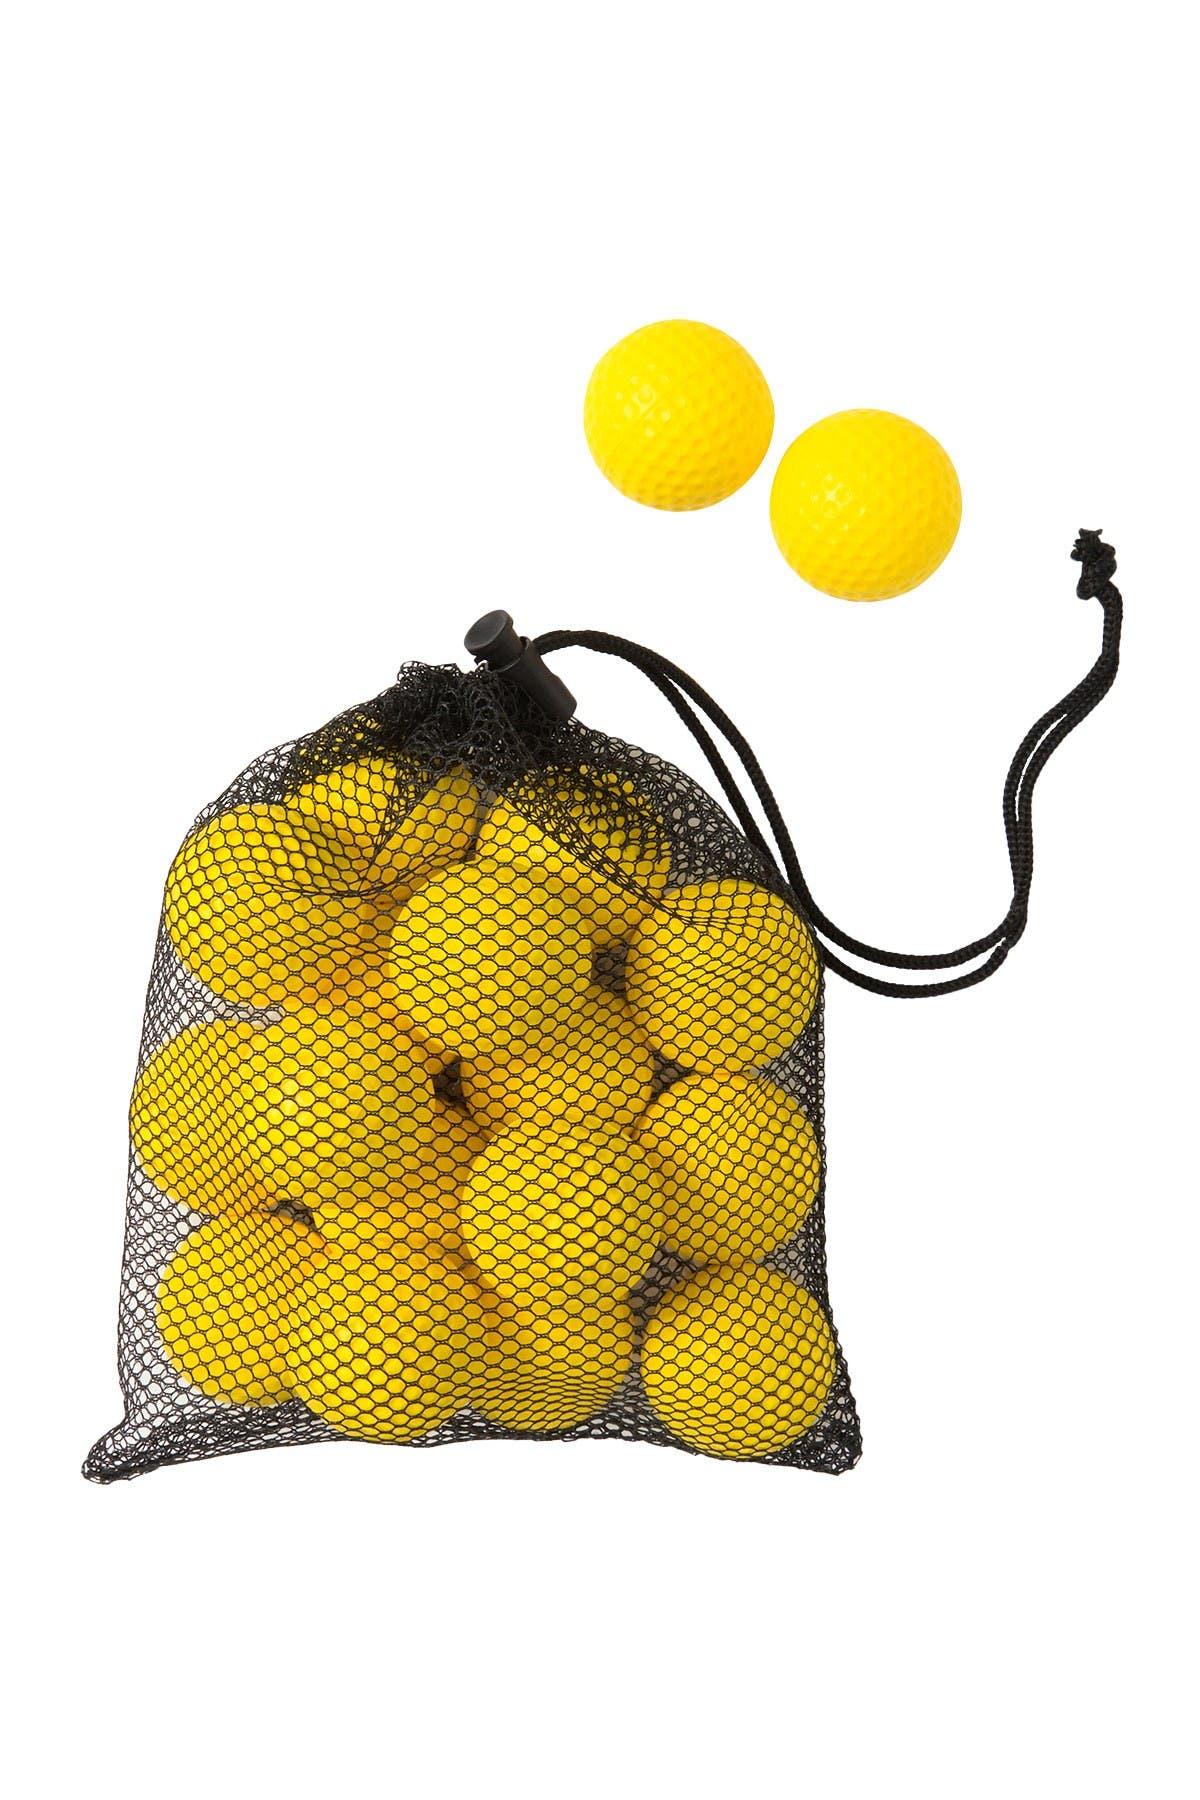 Image of PGA TOUR Foam Practice Balls